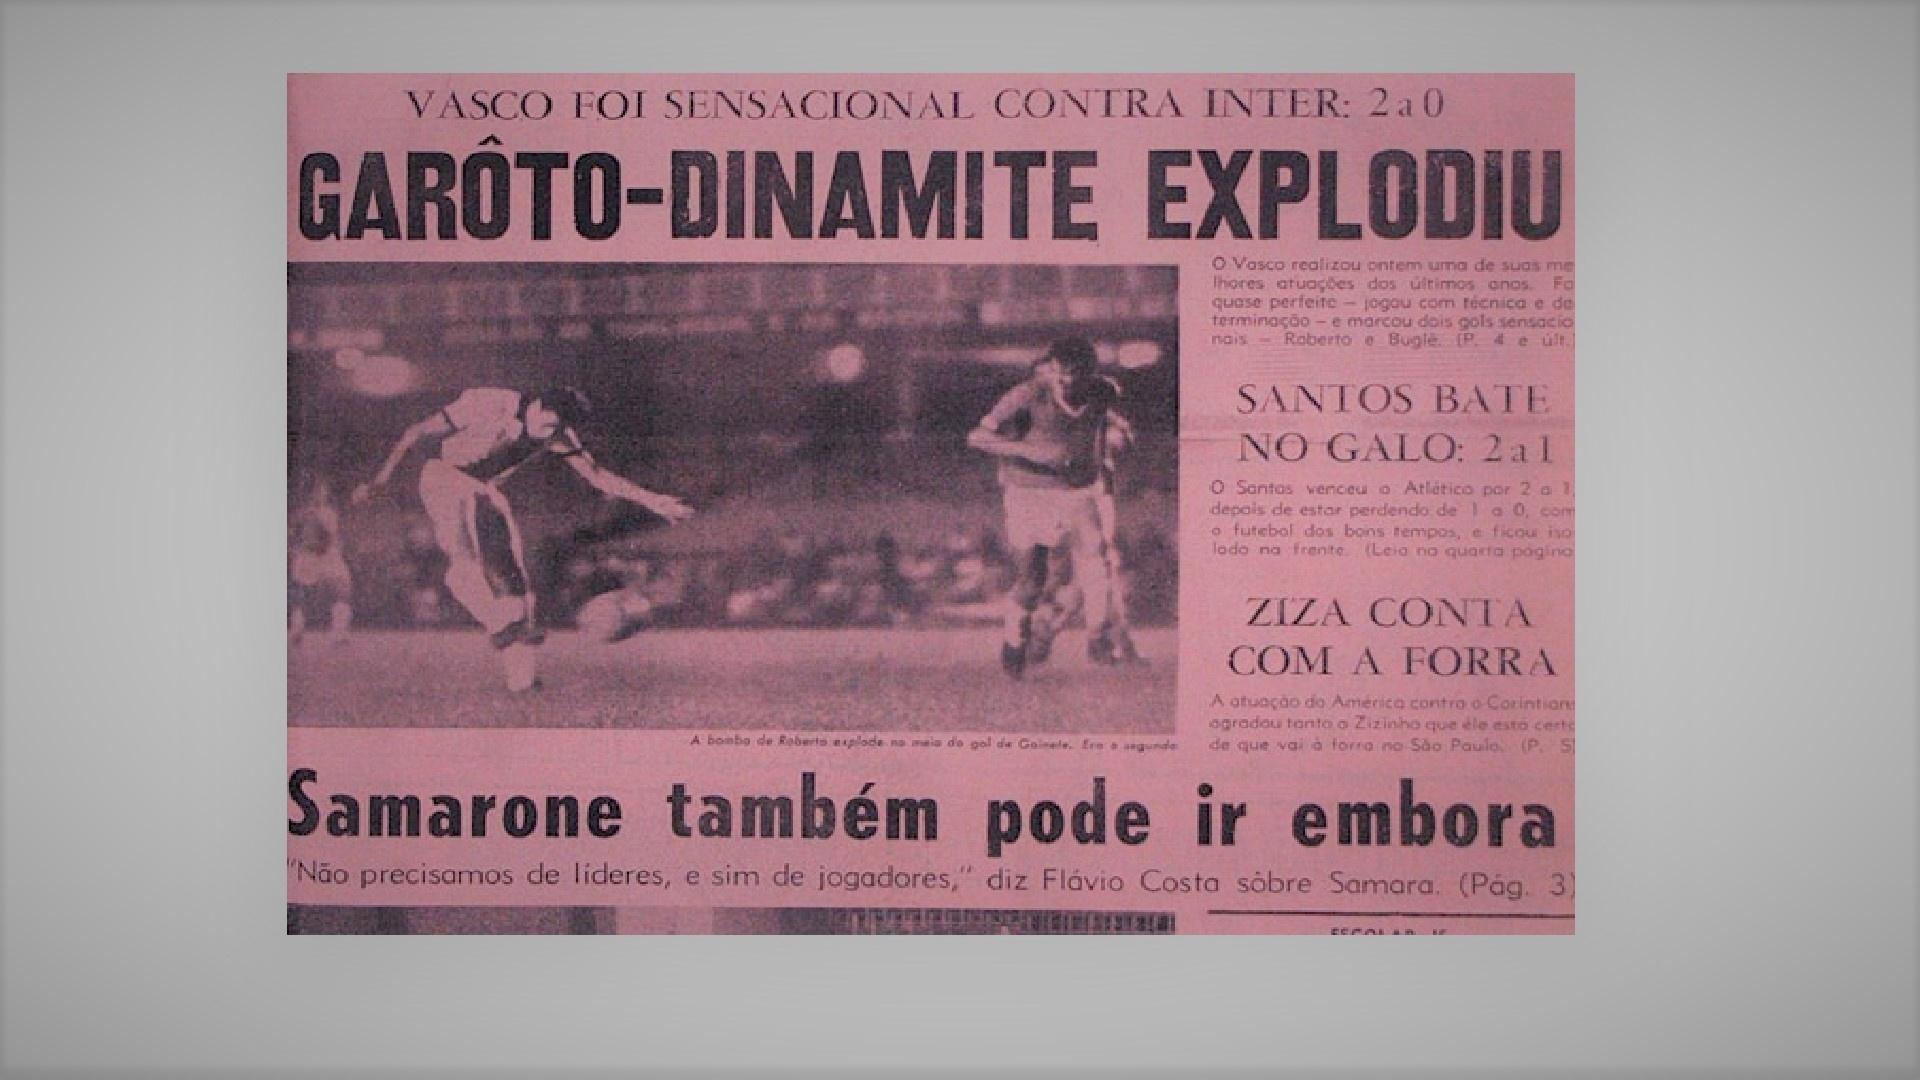 Capa do Jornal dos Sport que lançou o apelido Roberto Dinamite